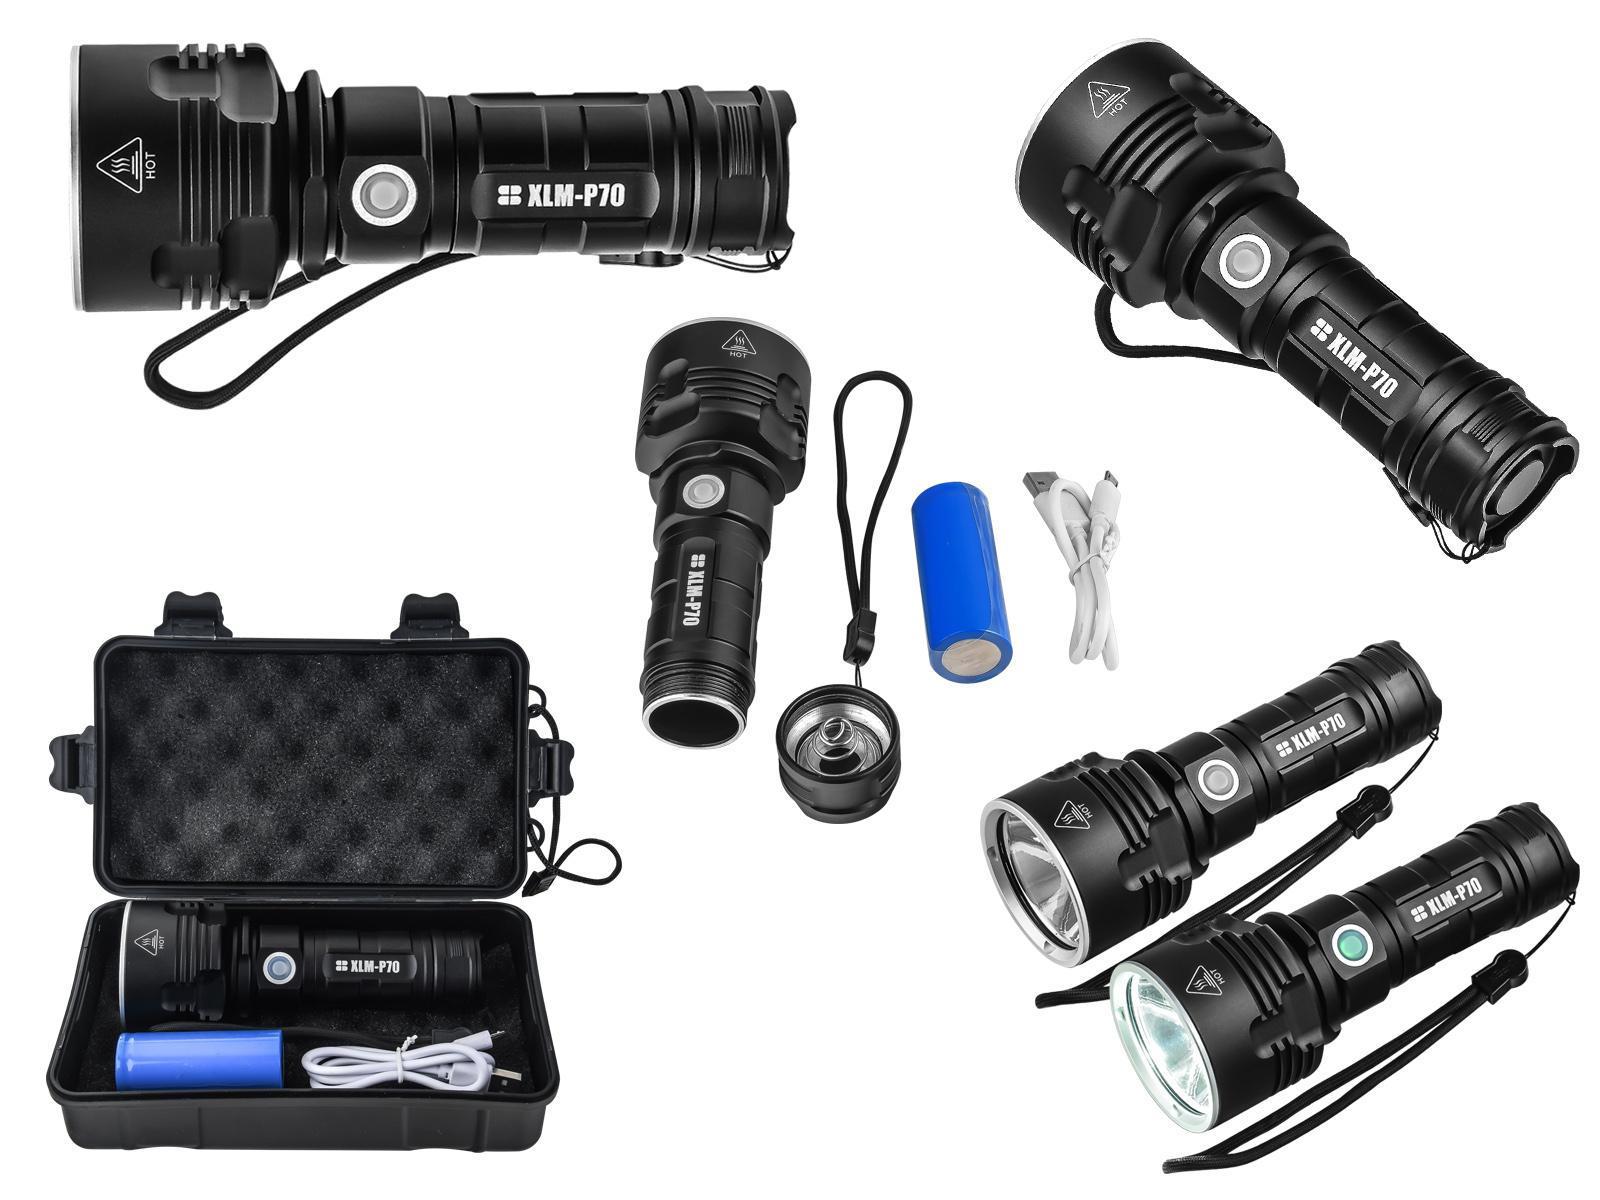 Ультраяркий тактический фонарь XLM-P70 8000 Lm